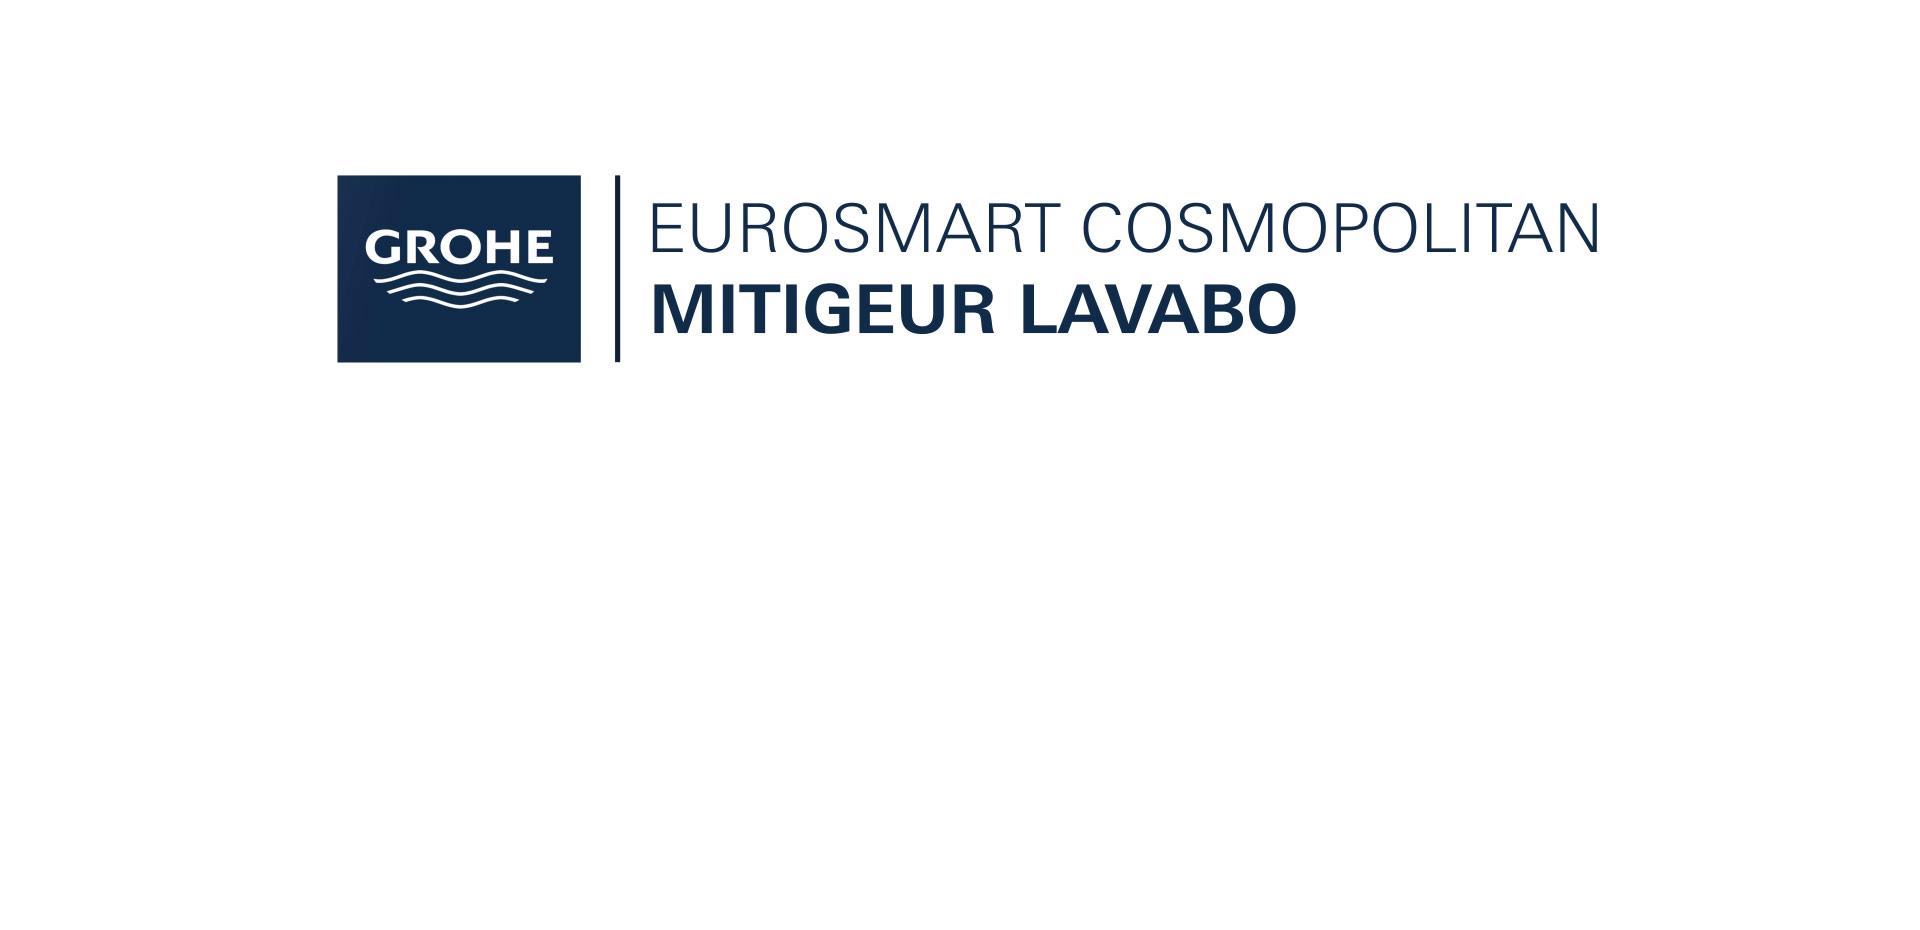 Mitigeur Lavabo Taille S Eurosmart Cosmopolitan Chromé de Grohe